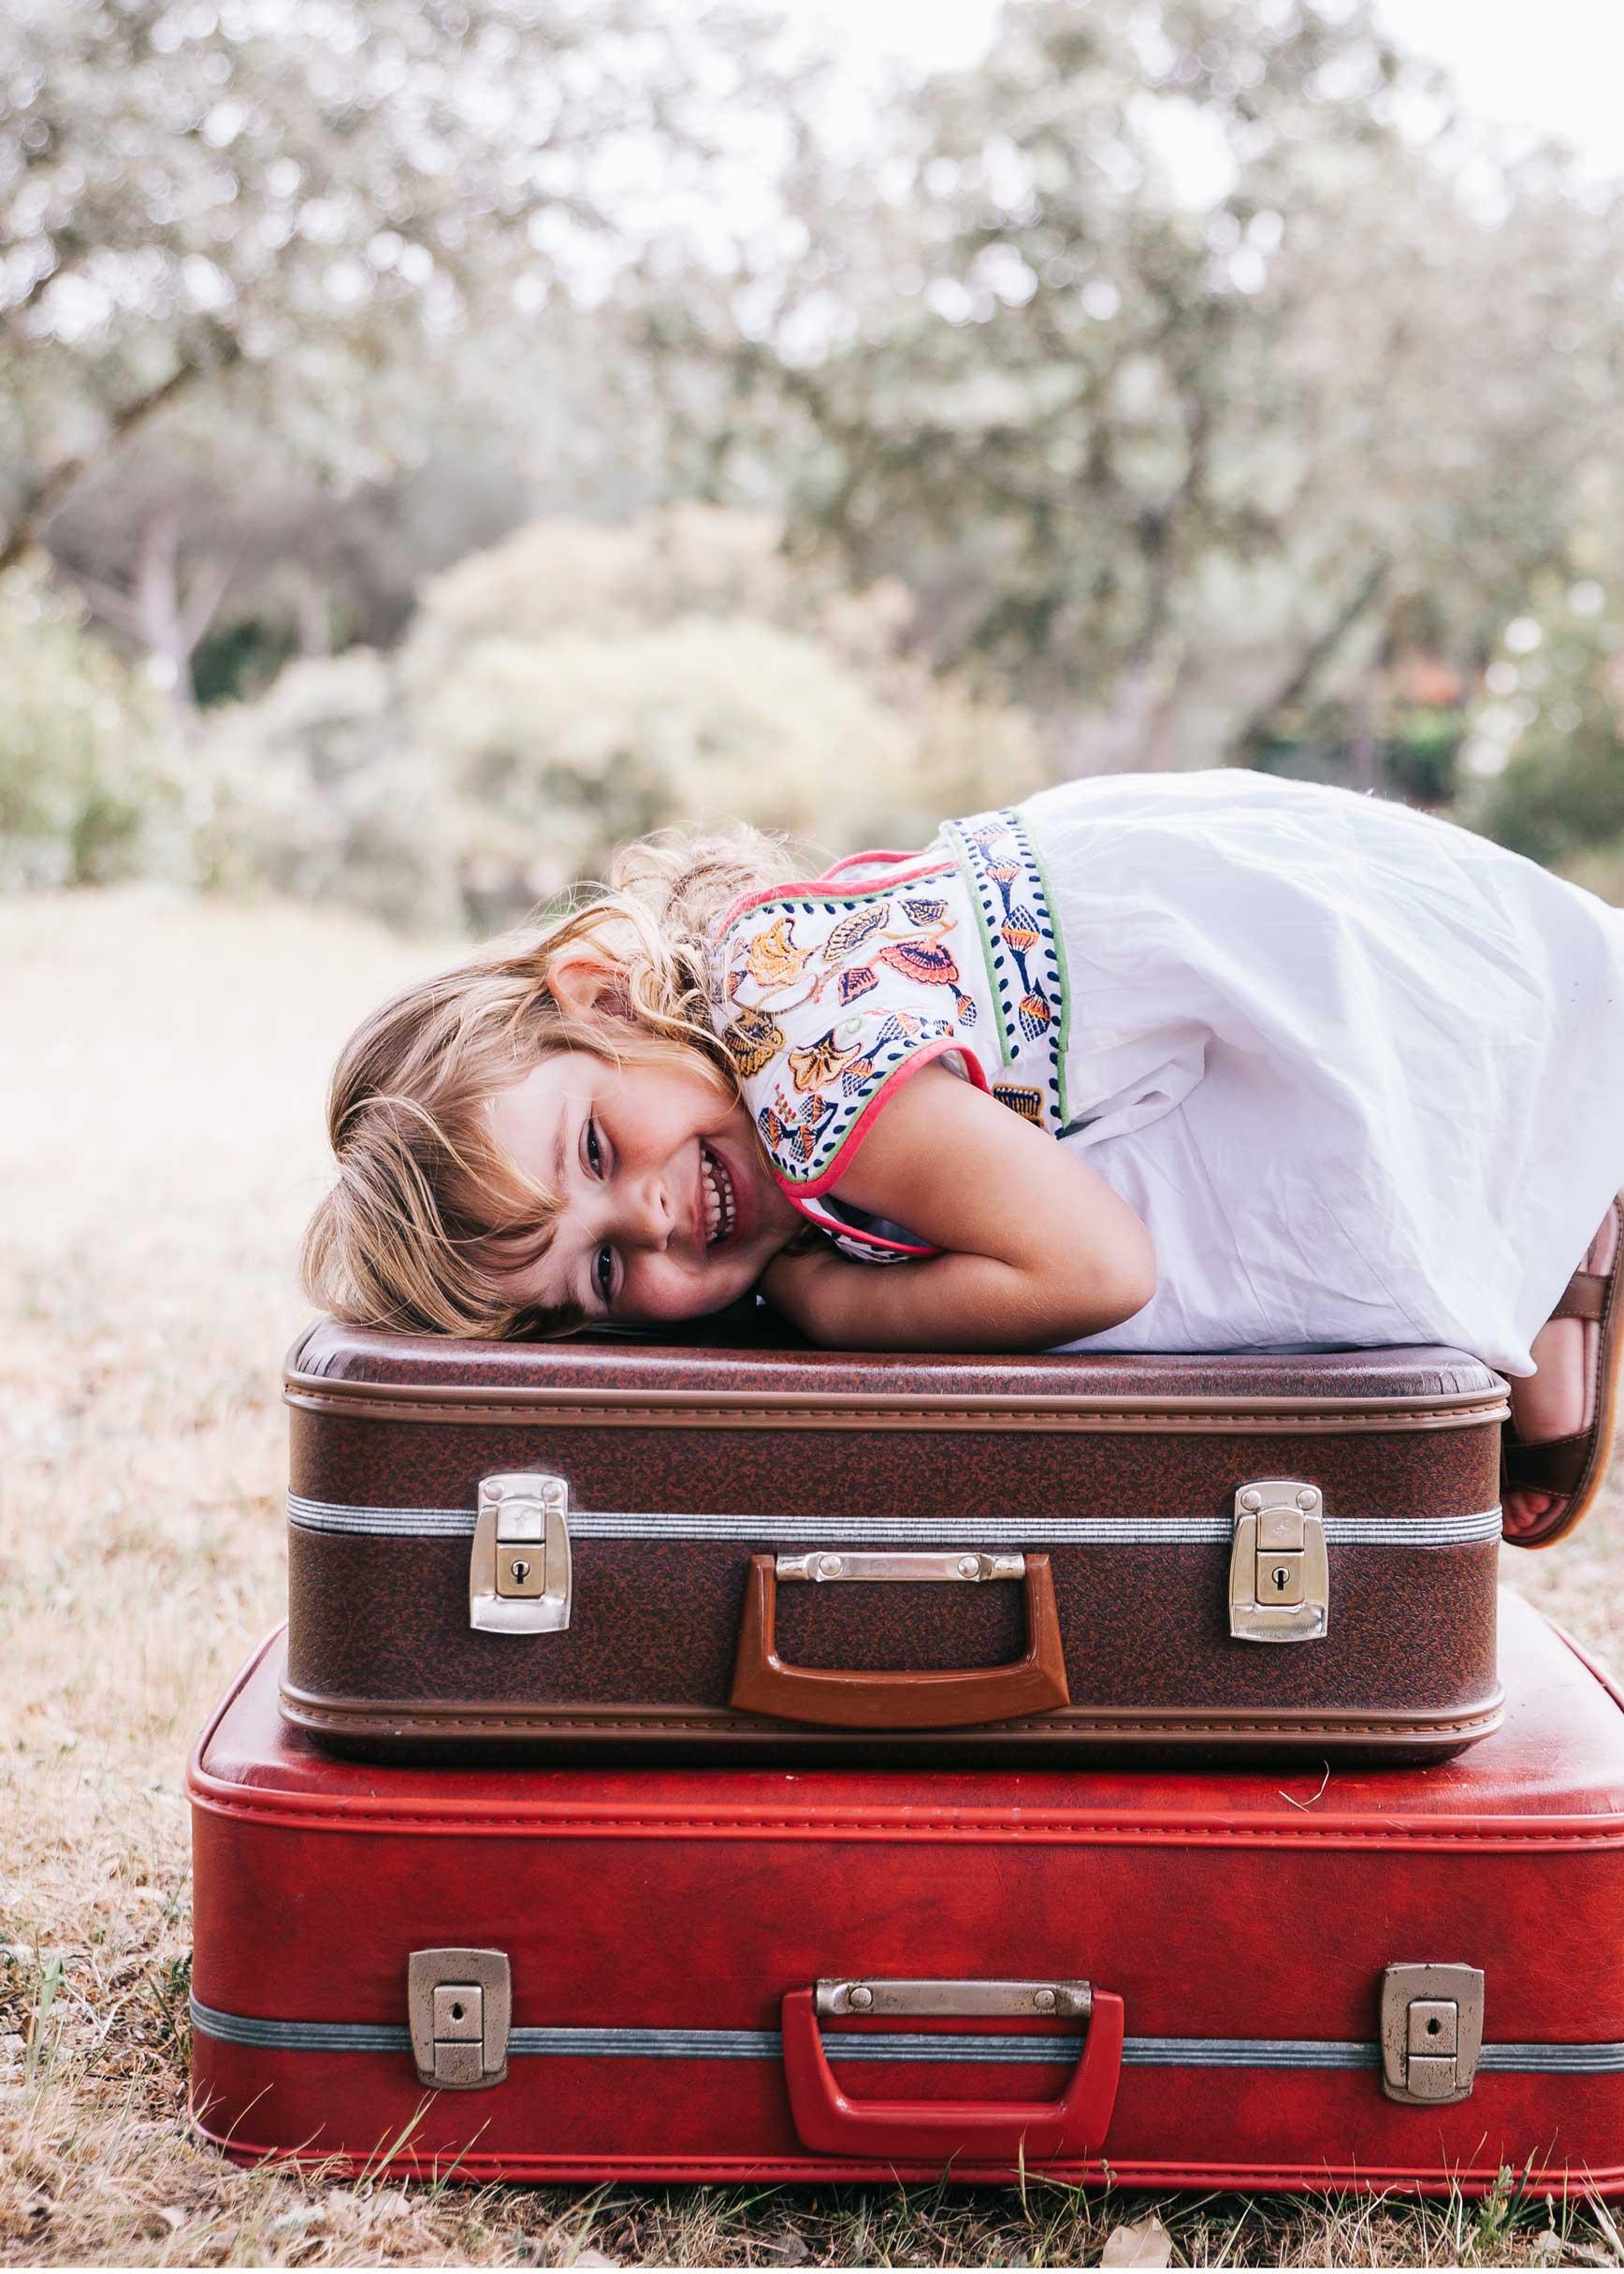 Que llevar en la maleta cuando viajas con niños